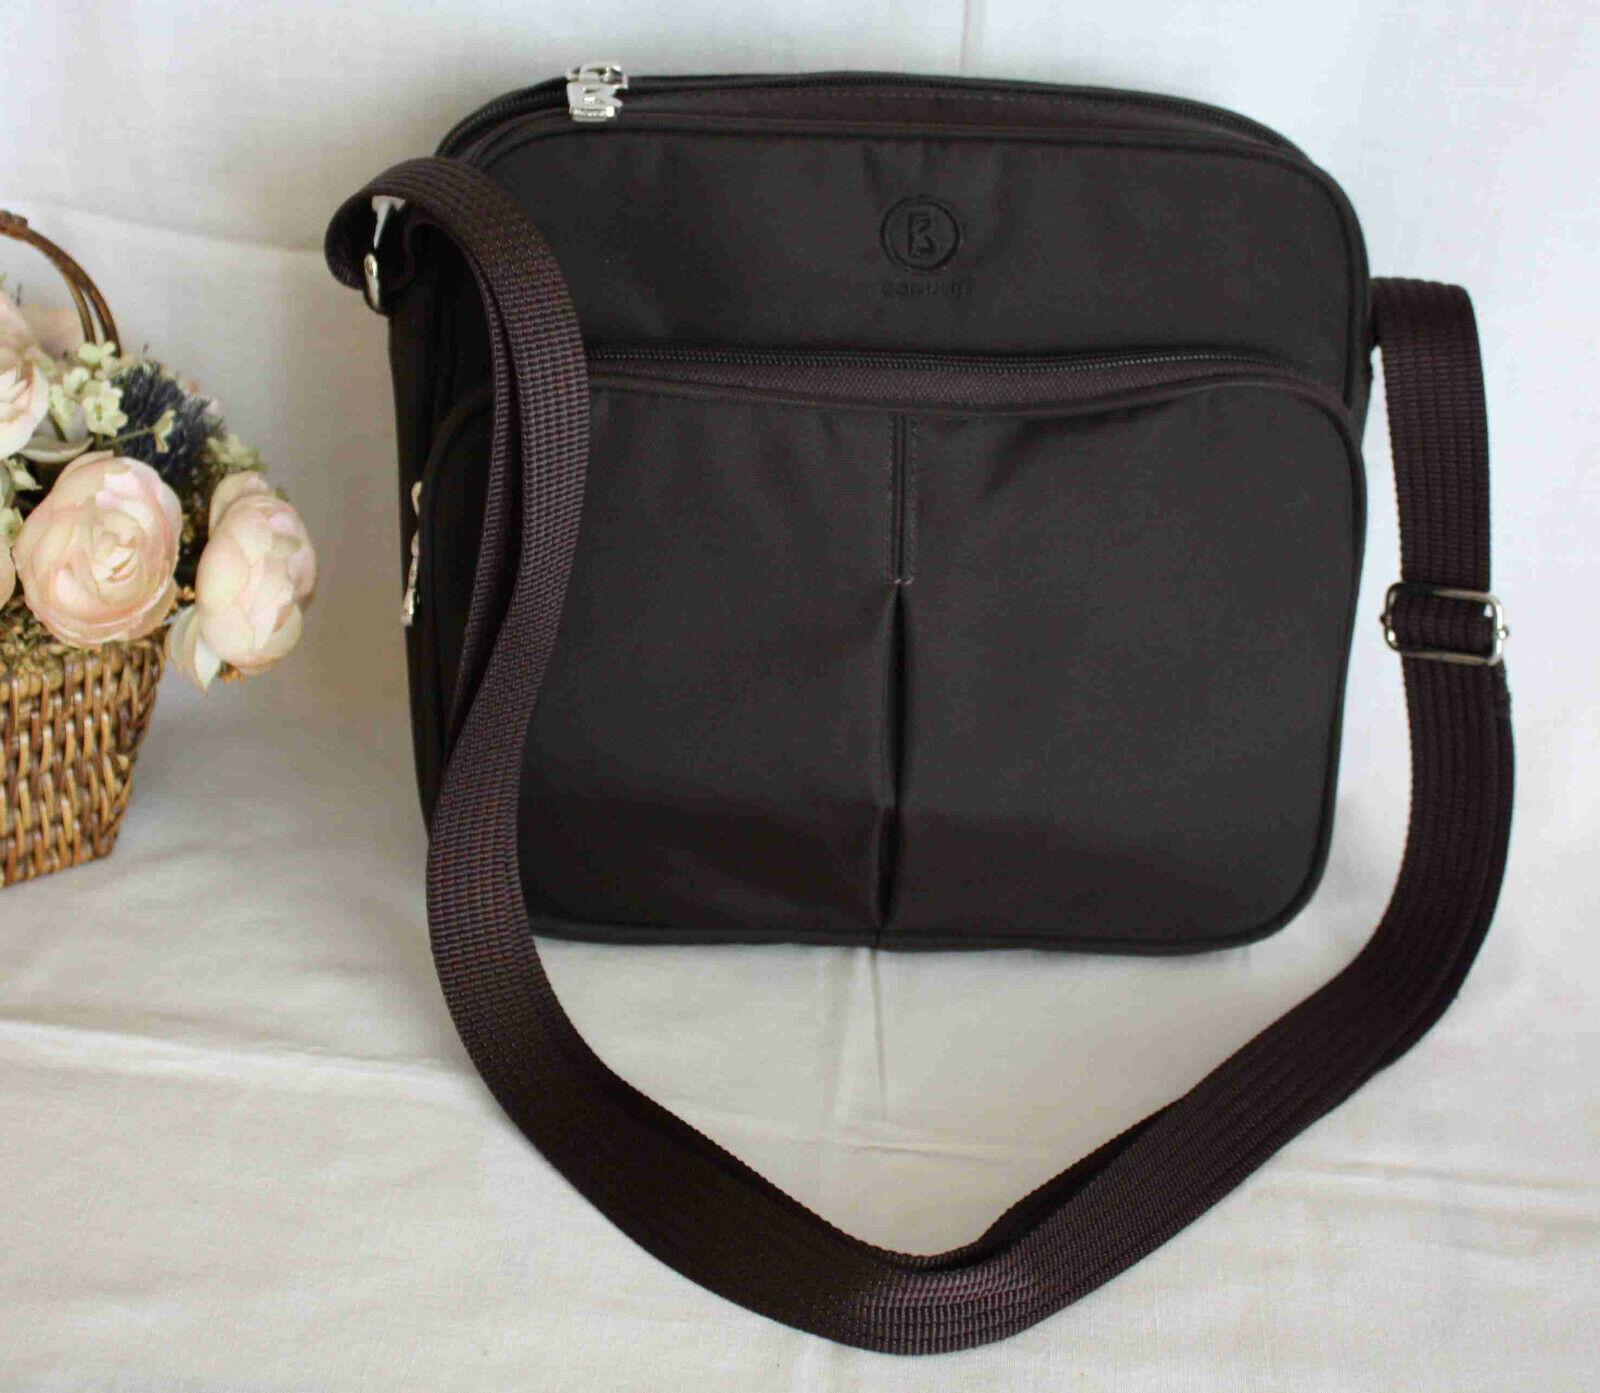 BOGNER Tasche Schultertasche Umhängetasche Handmade City Bag dunkelbraun Nw.